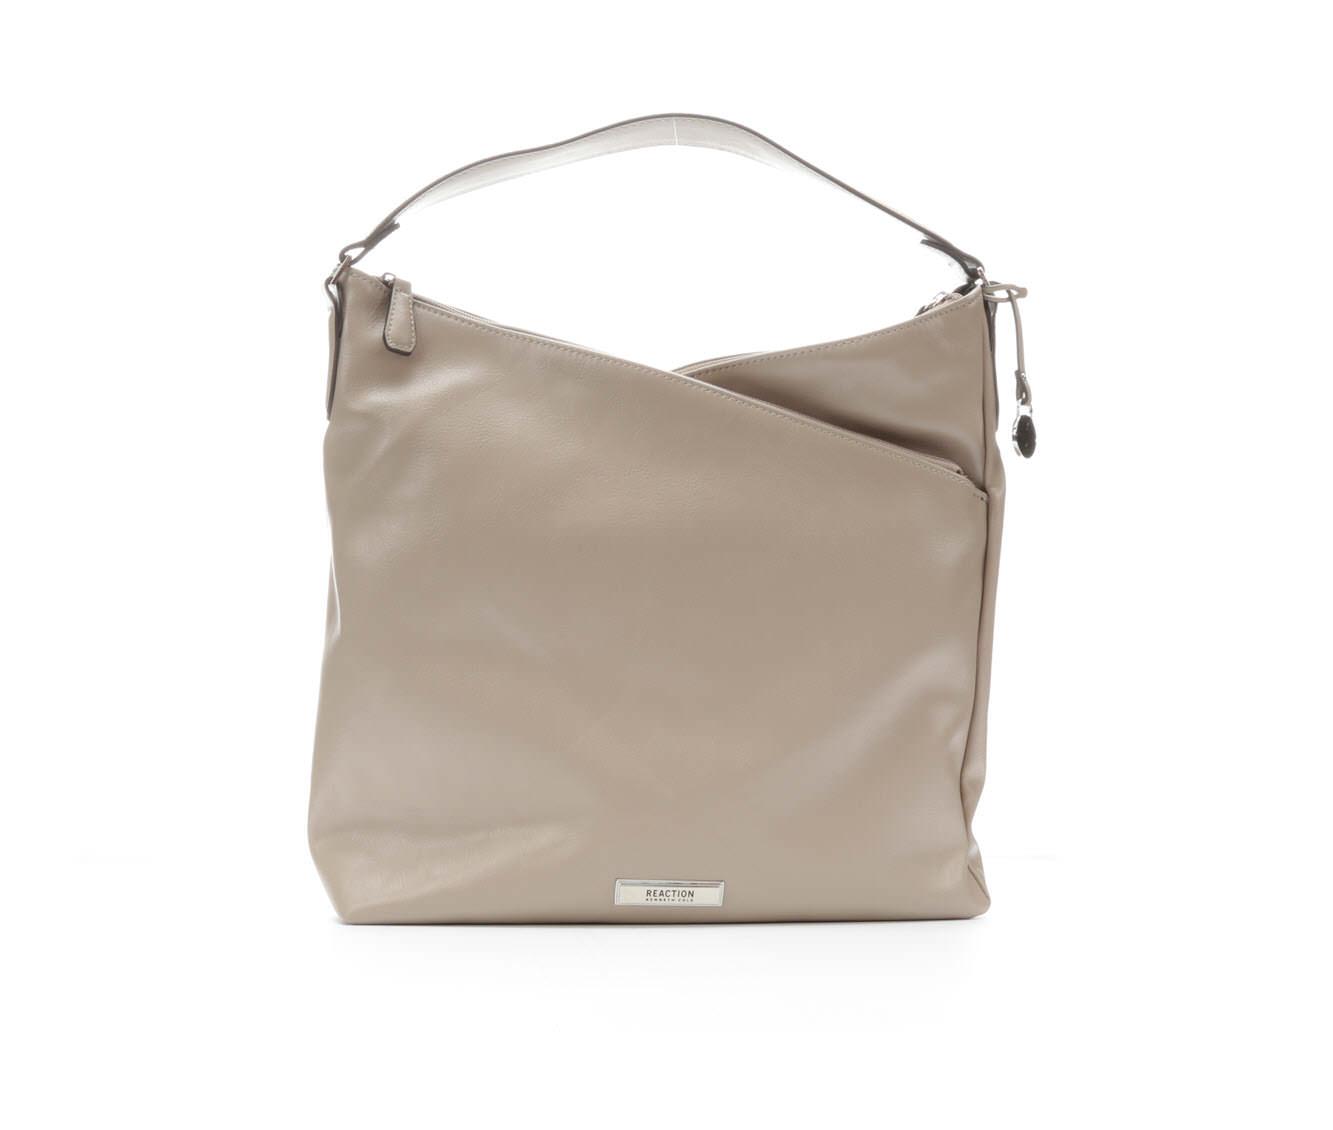 Kenneth Cole Reaction Tribeca Hobo Handbag (Beige)